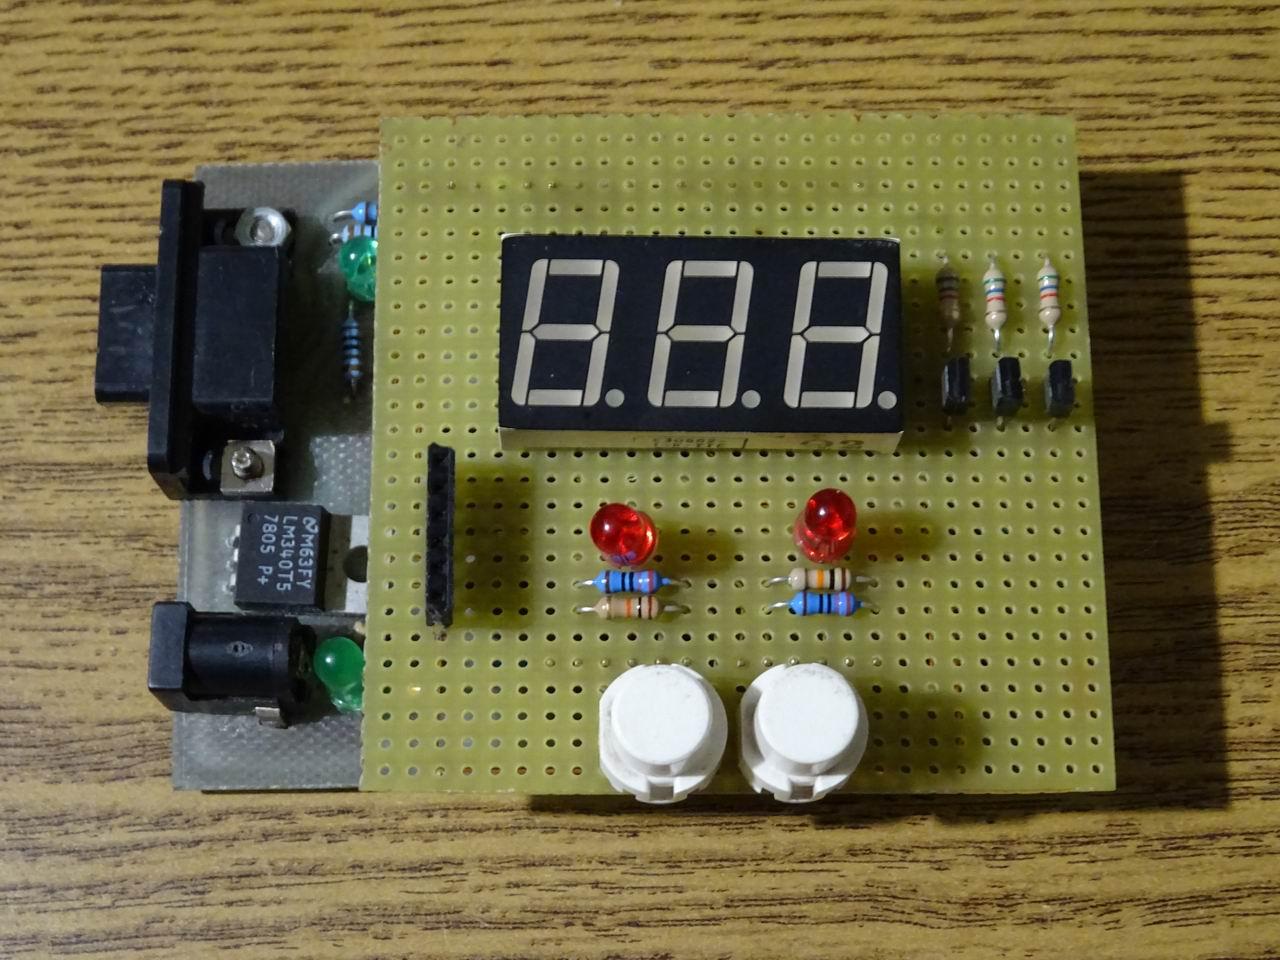 Tachimetro bussola altimetro GPS con Arduino